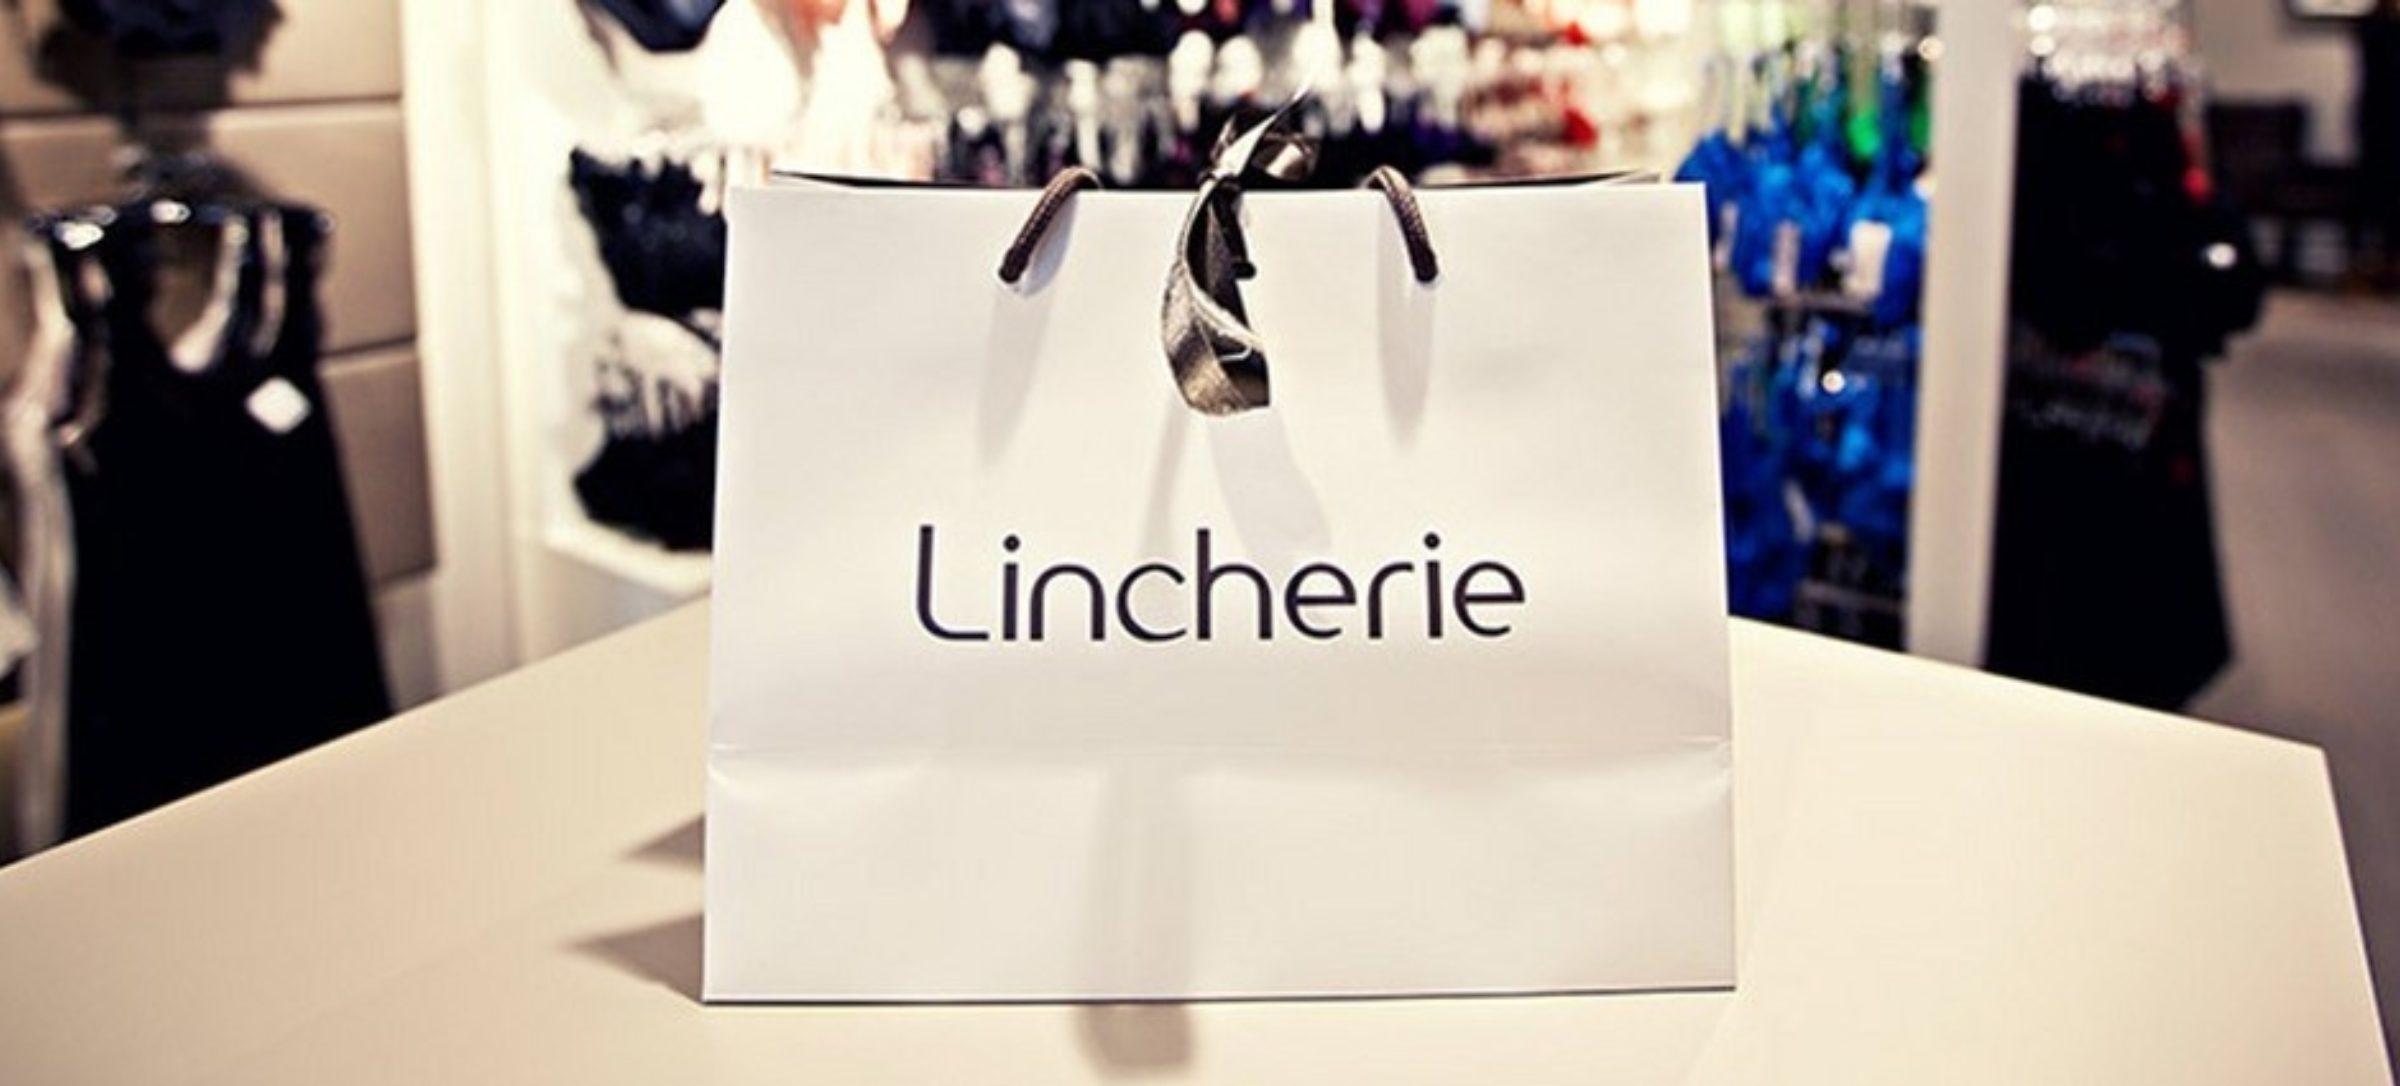 Lincherie Enschede